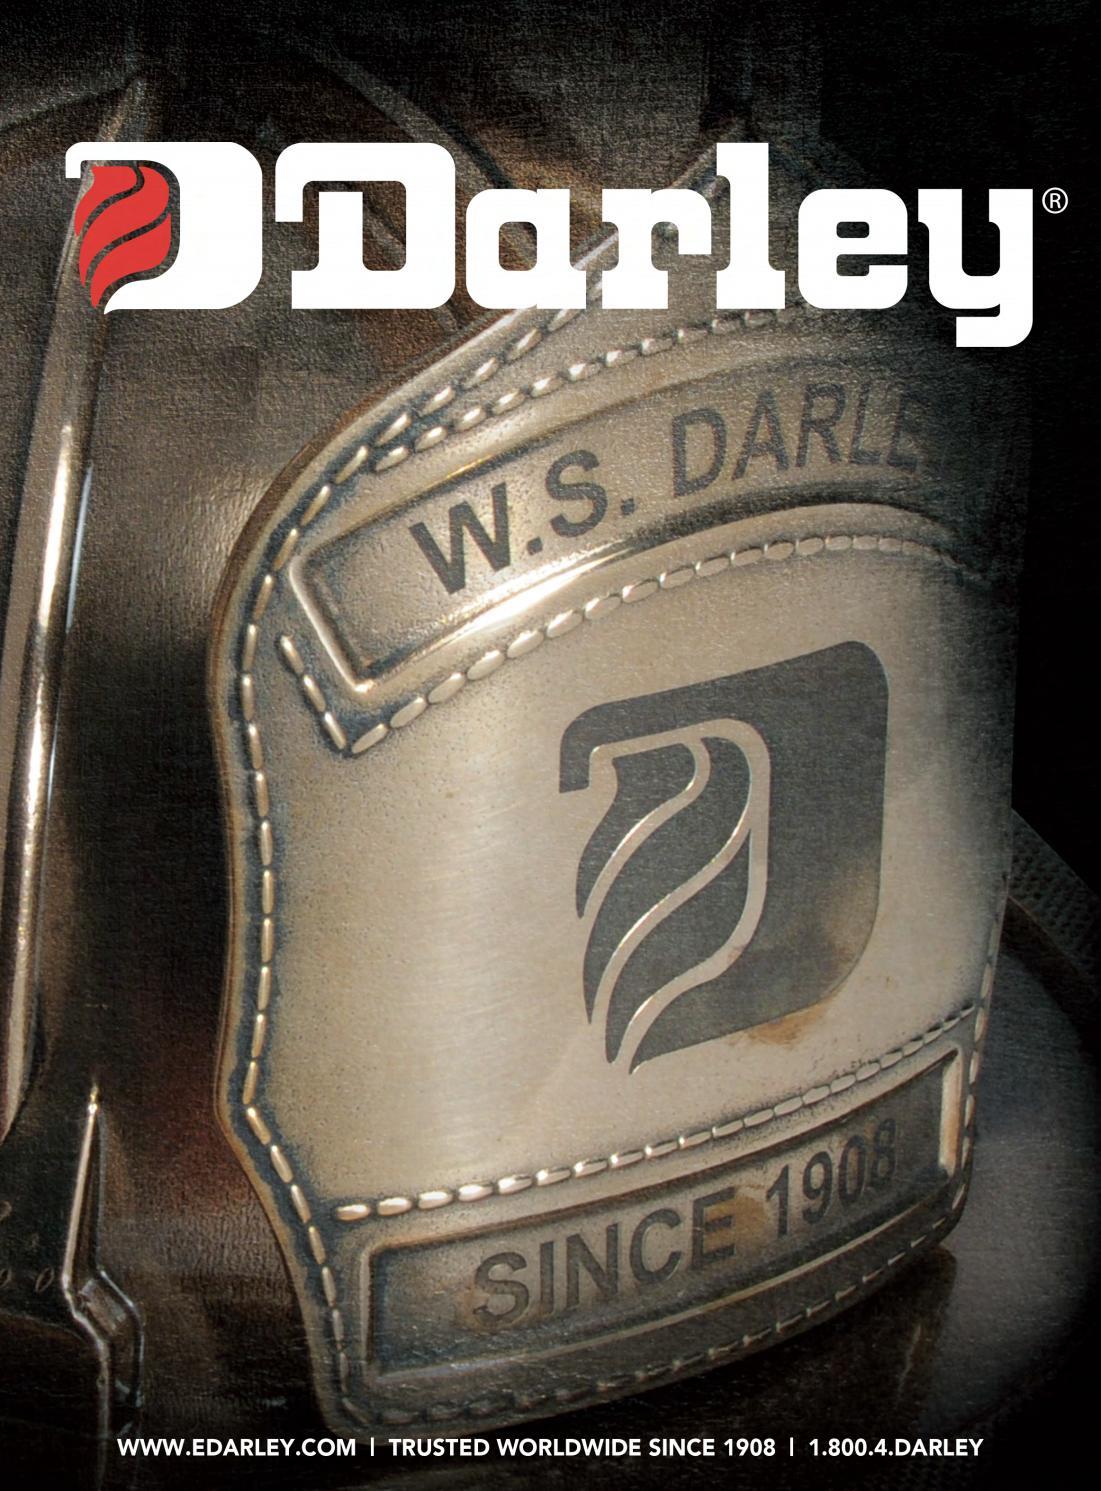 Darley Equipment Catalog  271 by W. S. Darley   Company - issuu 1a017958a